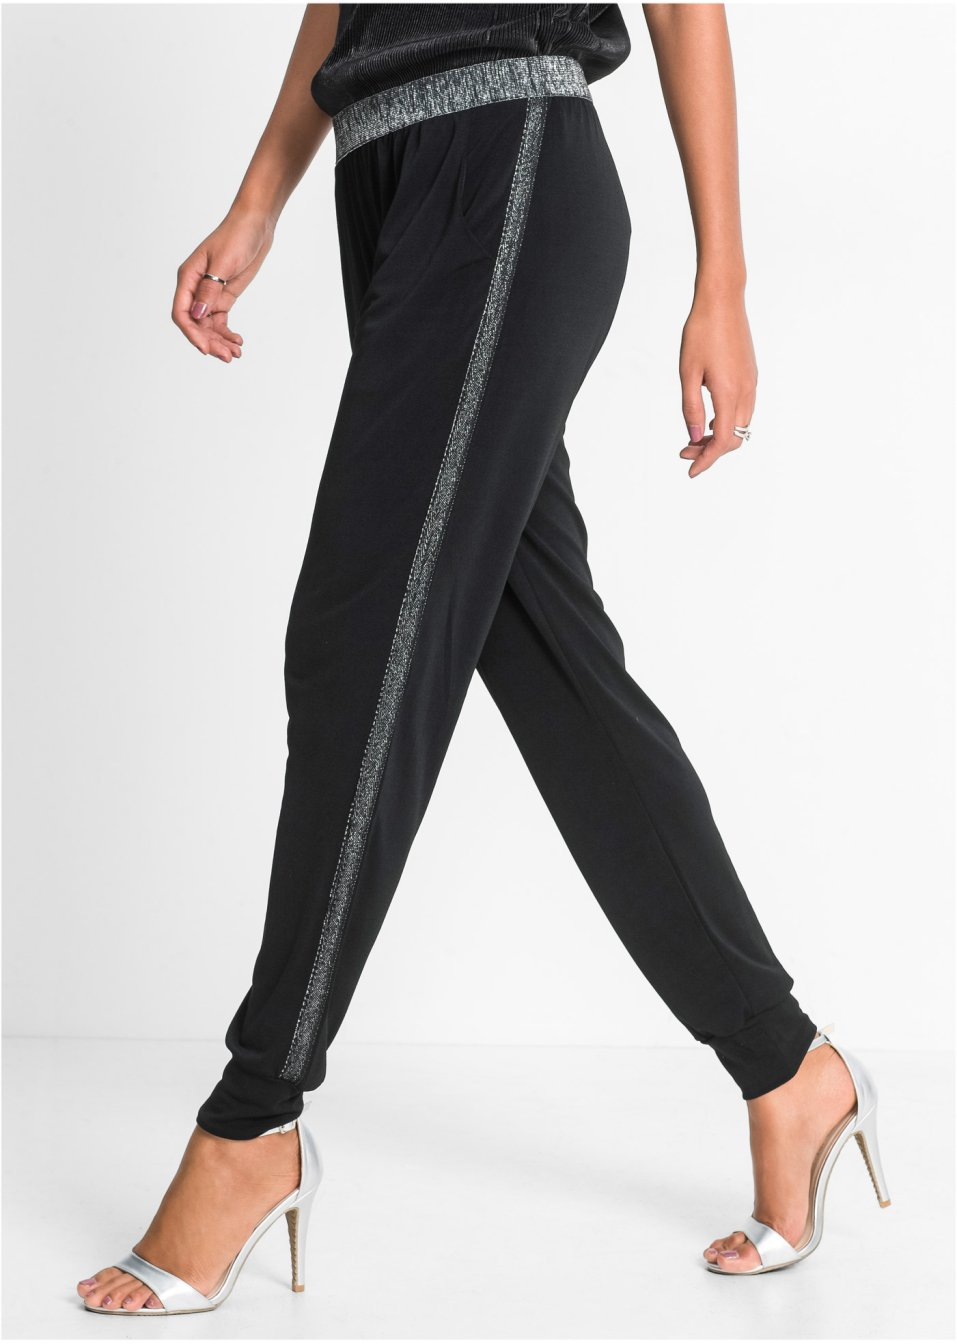 klassischer Stil offizieller Verkauf außergewöhnliche Auswahl an Stilen und Farben Hose mit Metallic-Detail